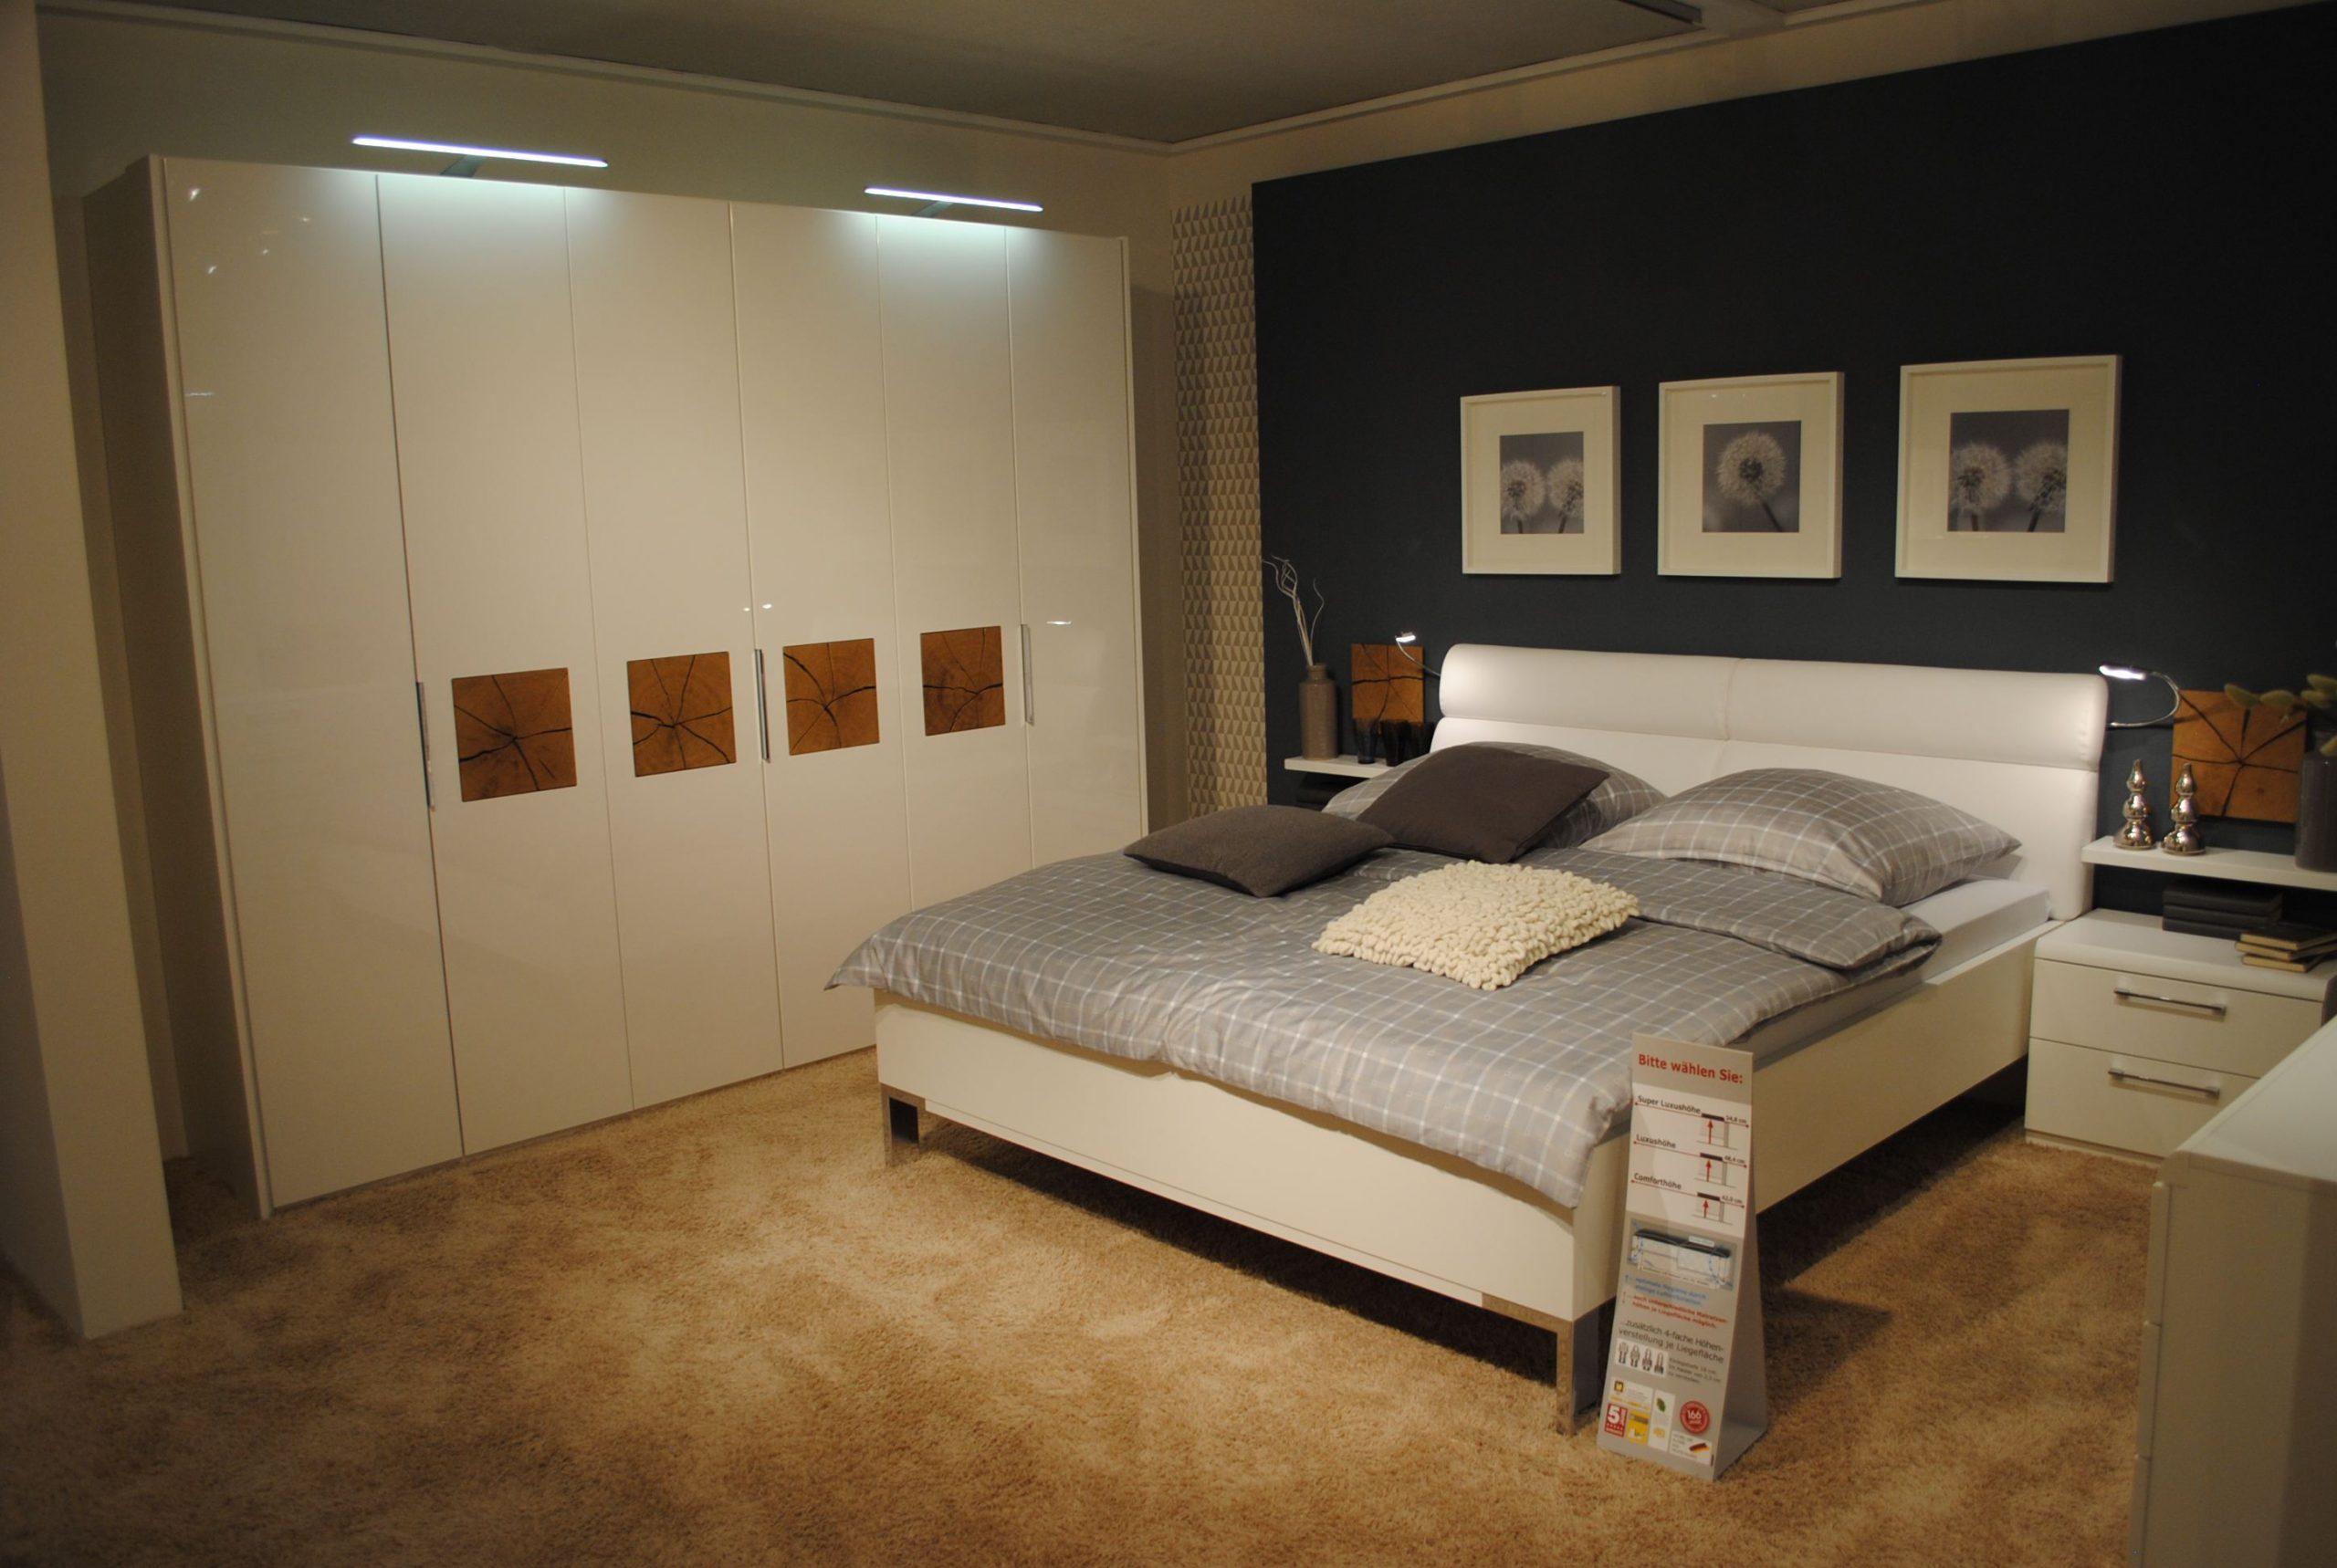 Full Size of Bett Im Schrank Set Schrankbett 180x200 Mit Ikea Kombination Integriert Kombi Jugendzimmer Eingebautes Und Kombiniert Apartment Schrankwand Versteckt 140 X 200 Bett Bett Im Schrank